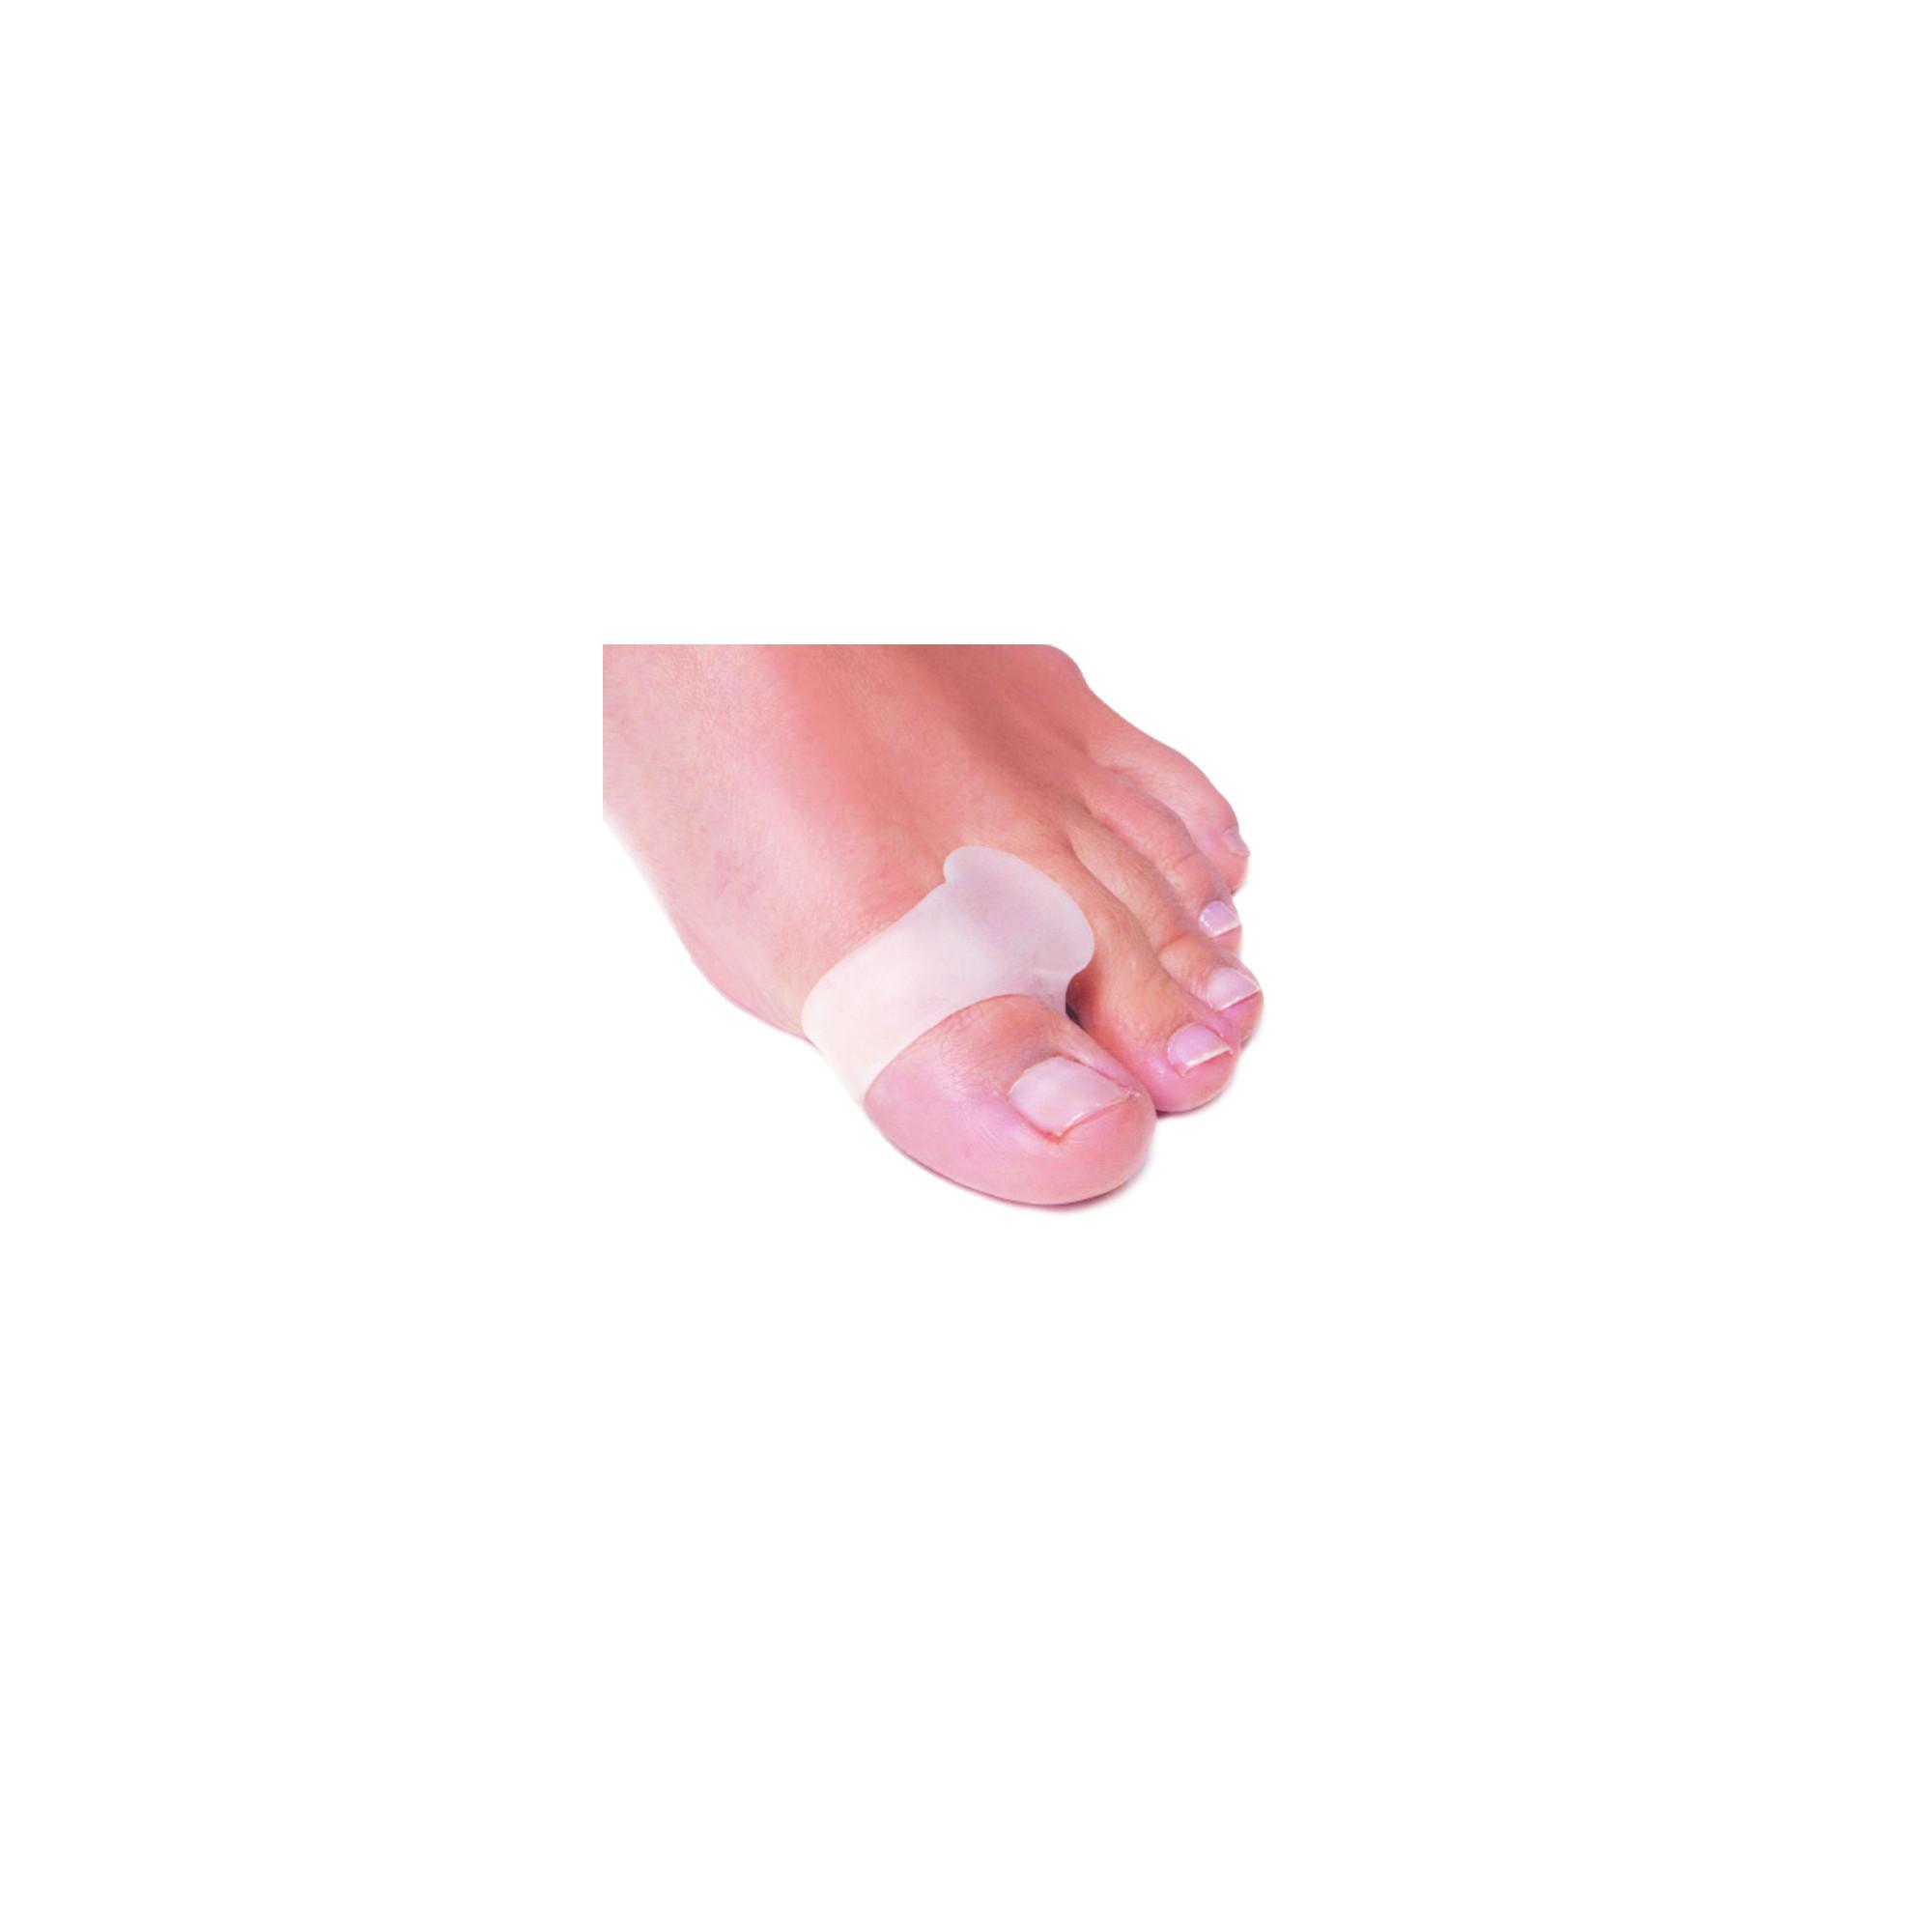 Écarteur d'orteils avec anneaux de gel incormporé - 1 pièce